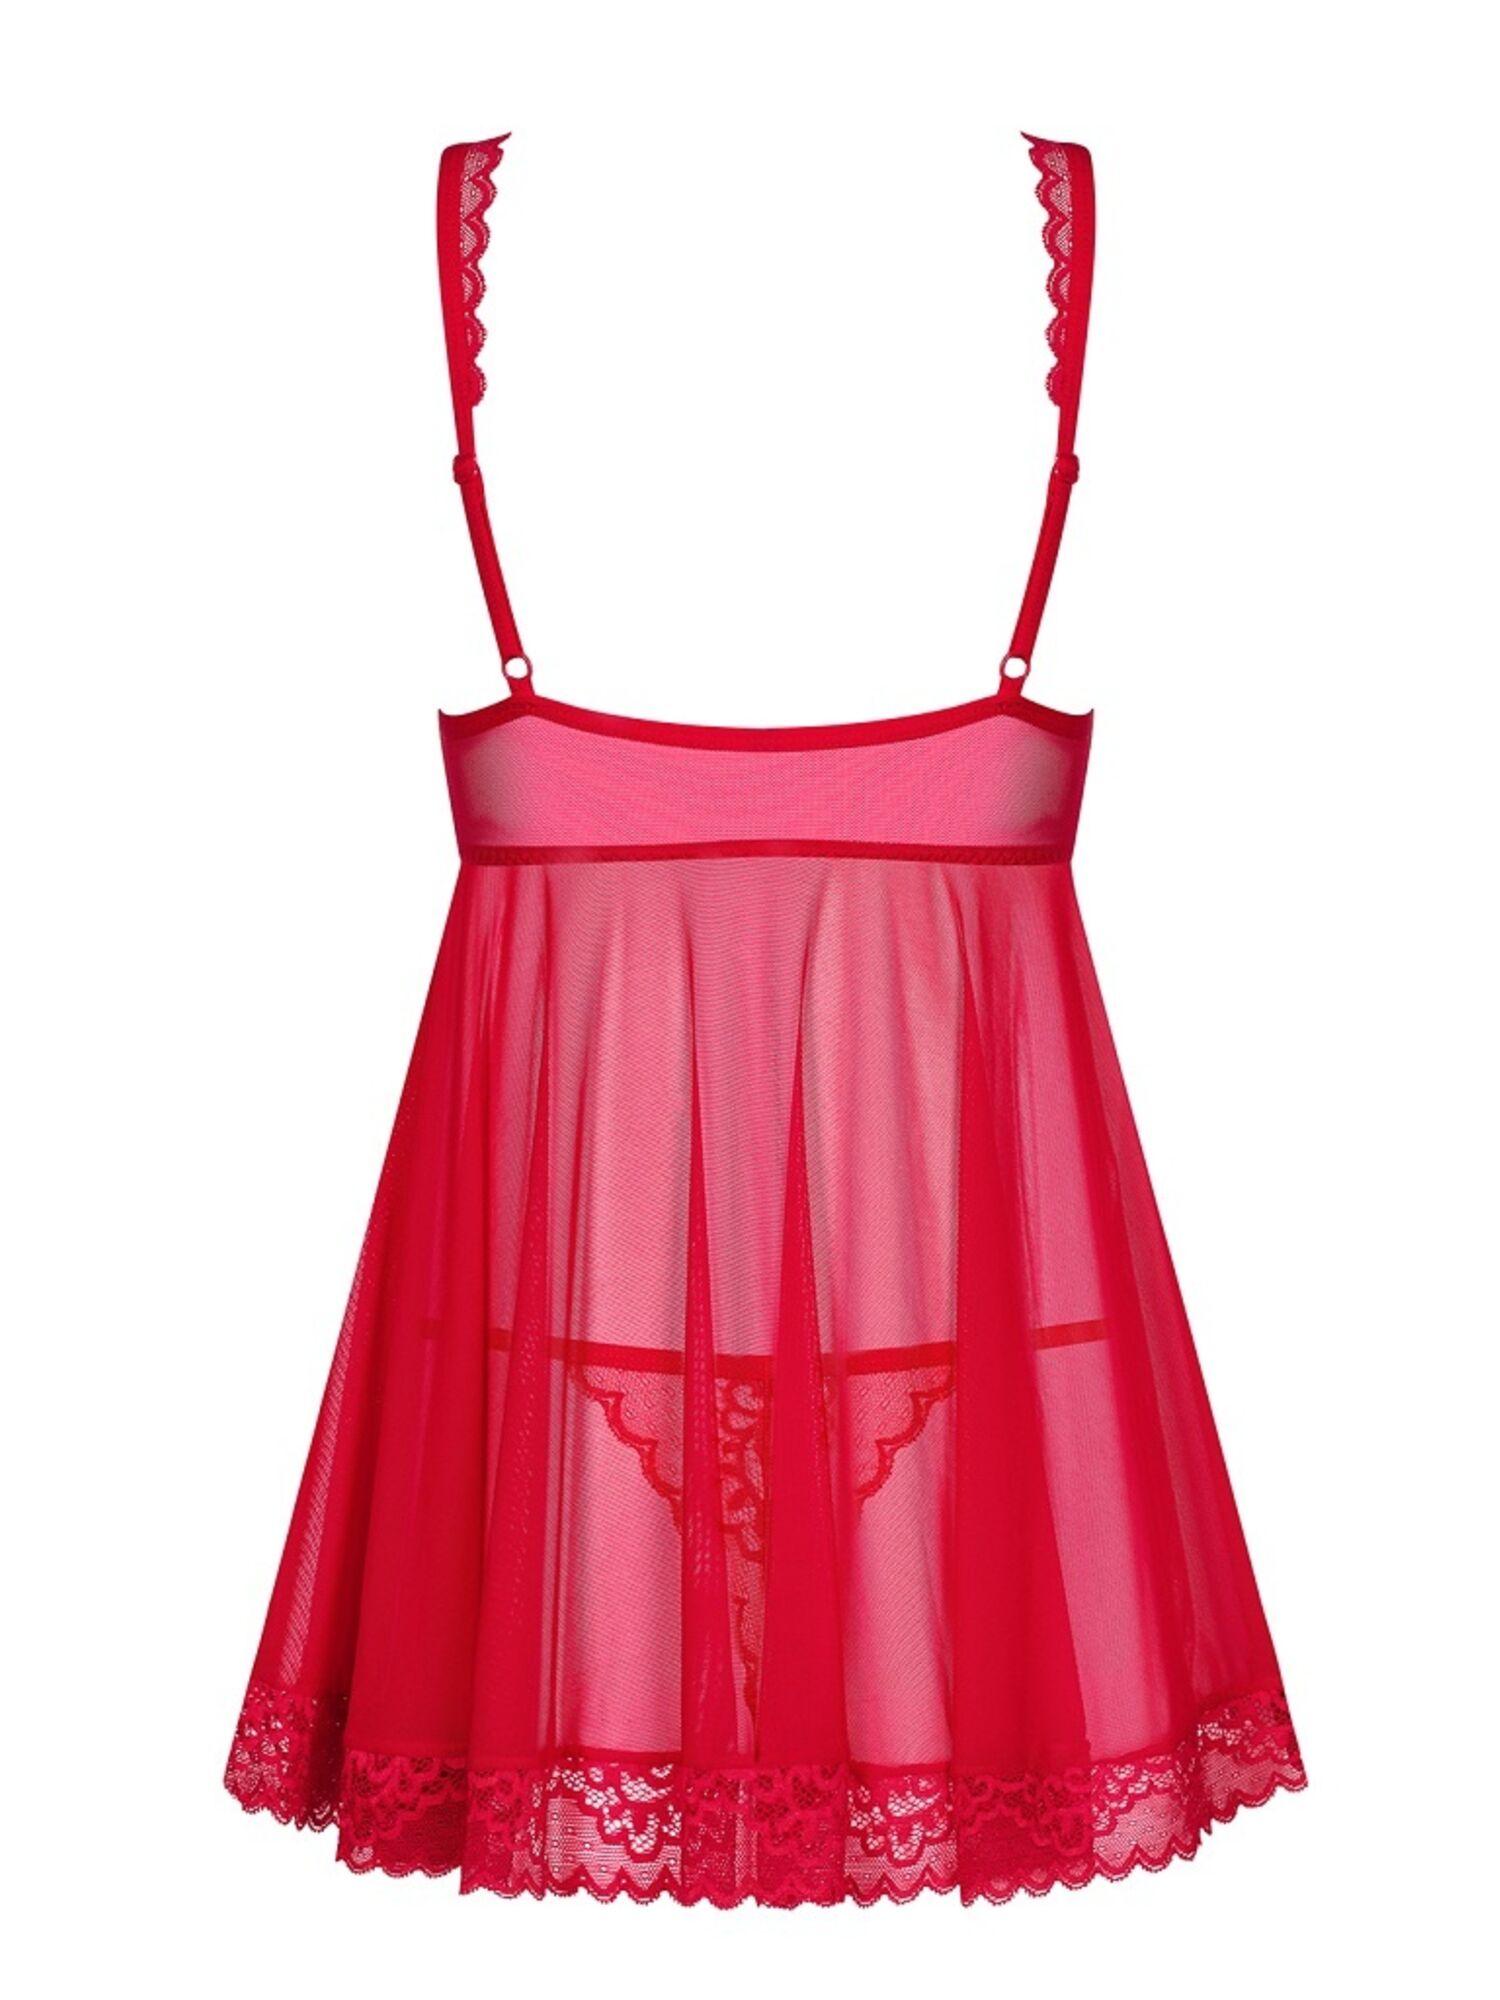 Комплект женский эротический ROUGEBELLE BABYDOLL красный, OBSESSIVE